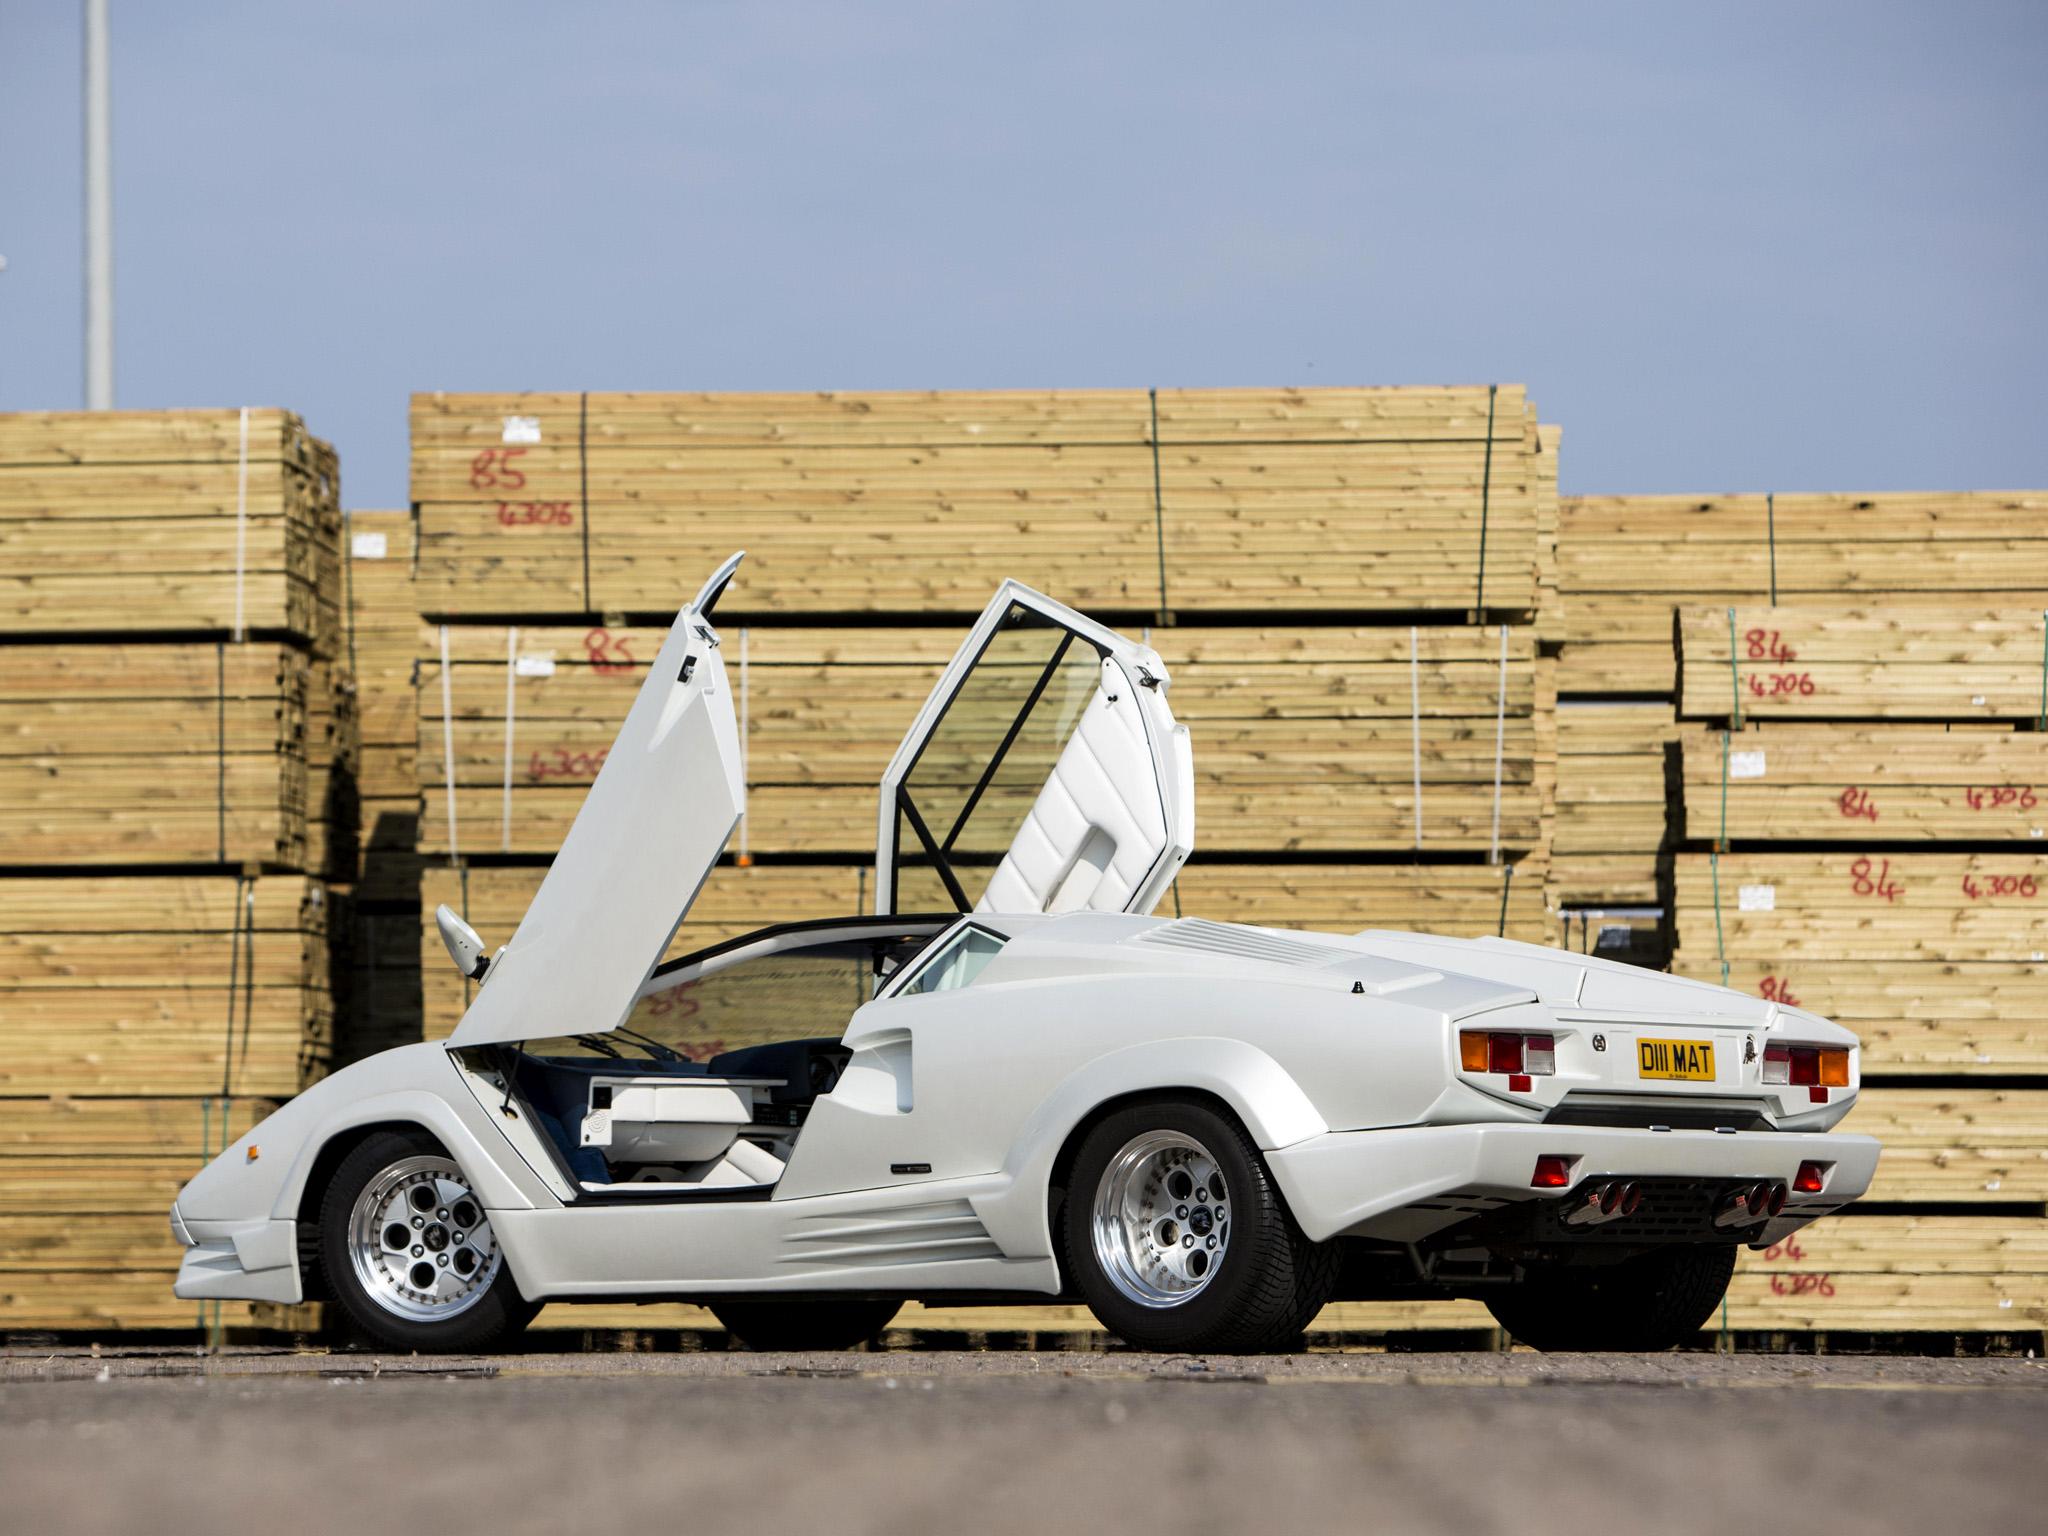 Lamborghini-Countach_mp28_pic_100735 Elegant Lamborghini Countach 25th Anniversary Specs Cars Trend